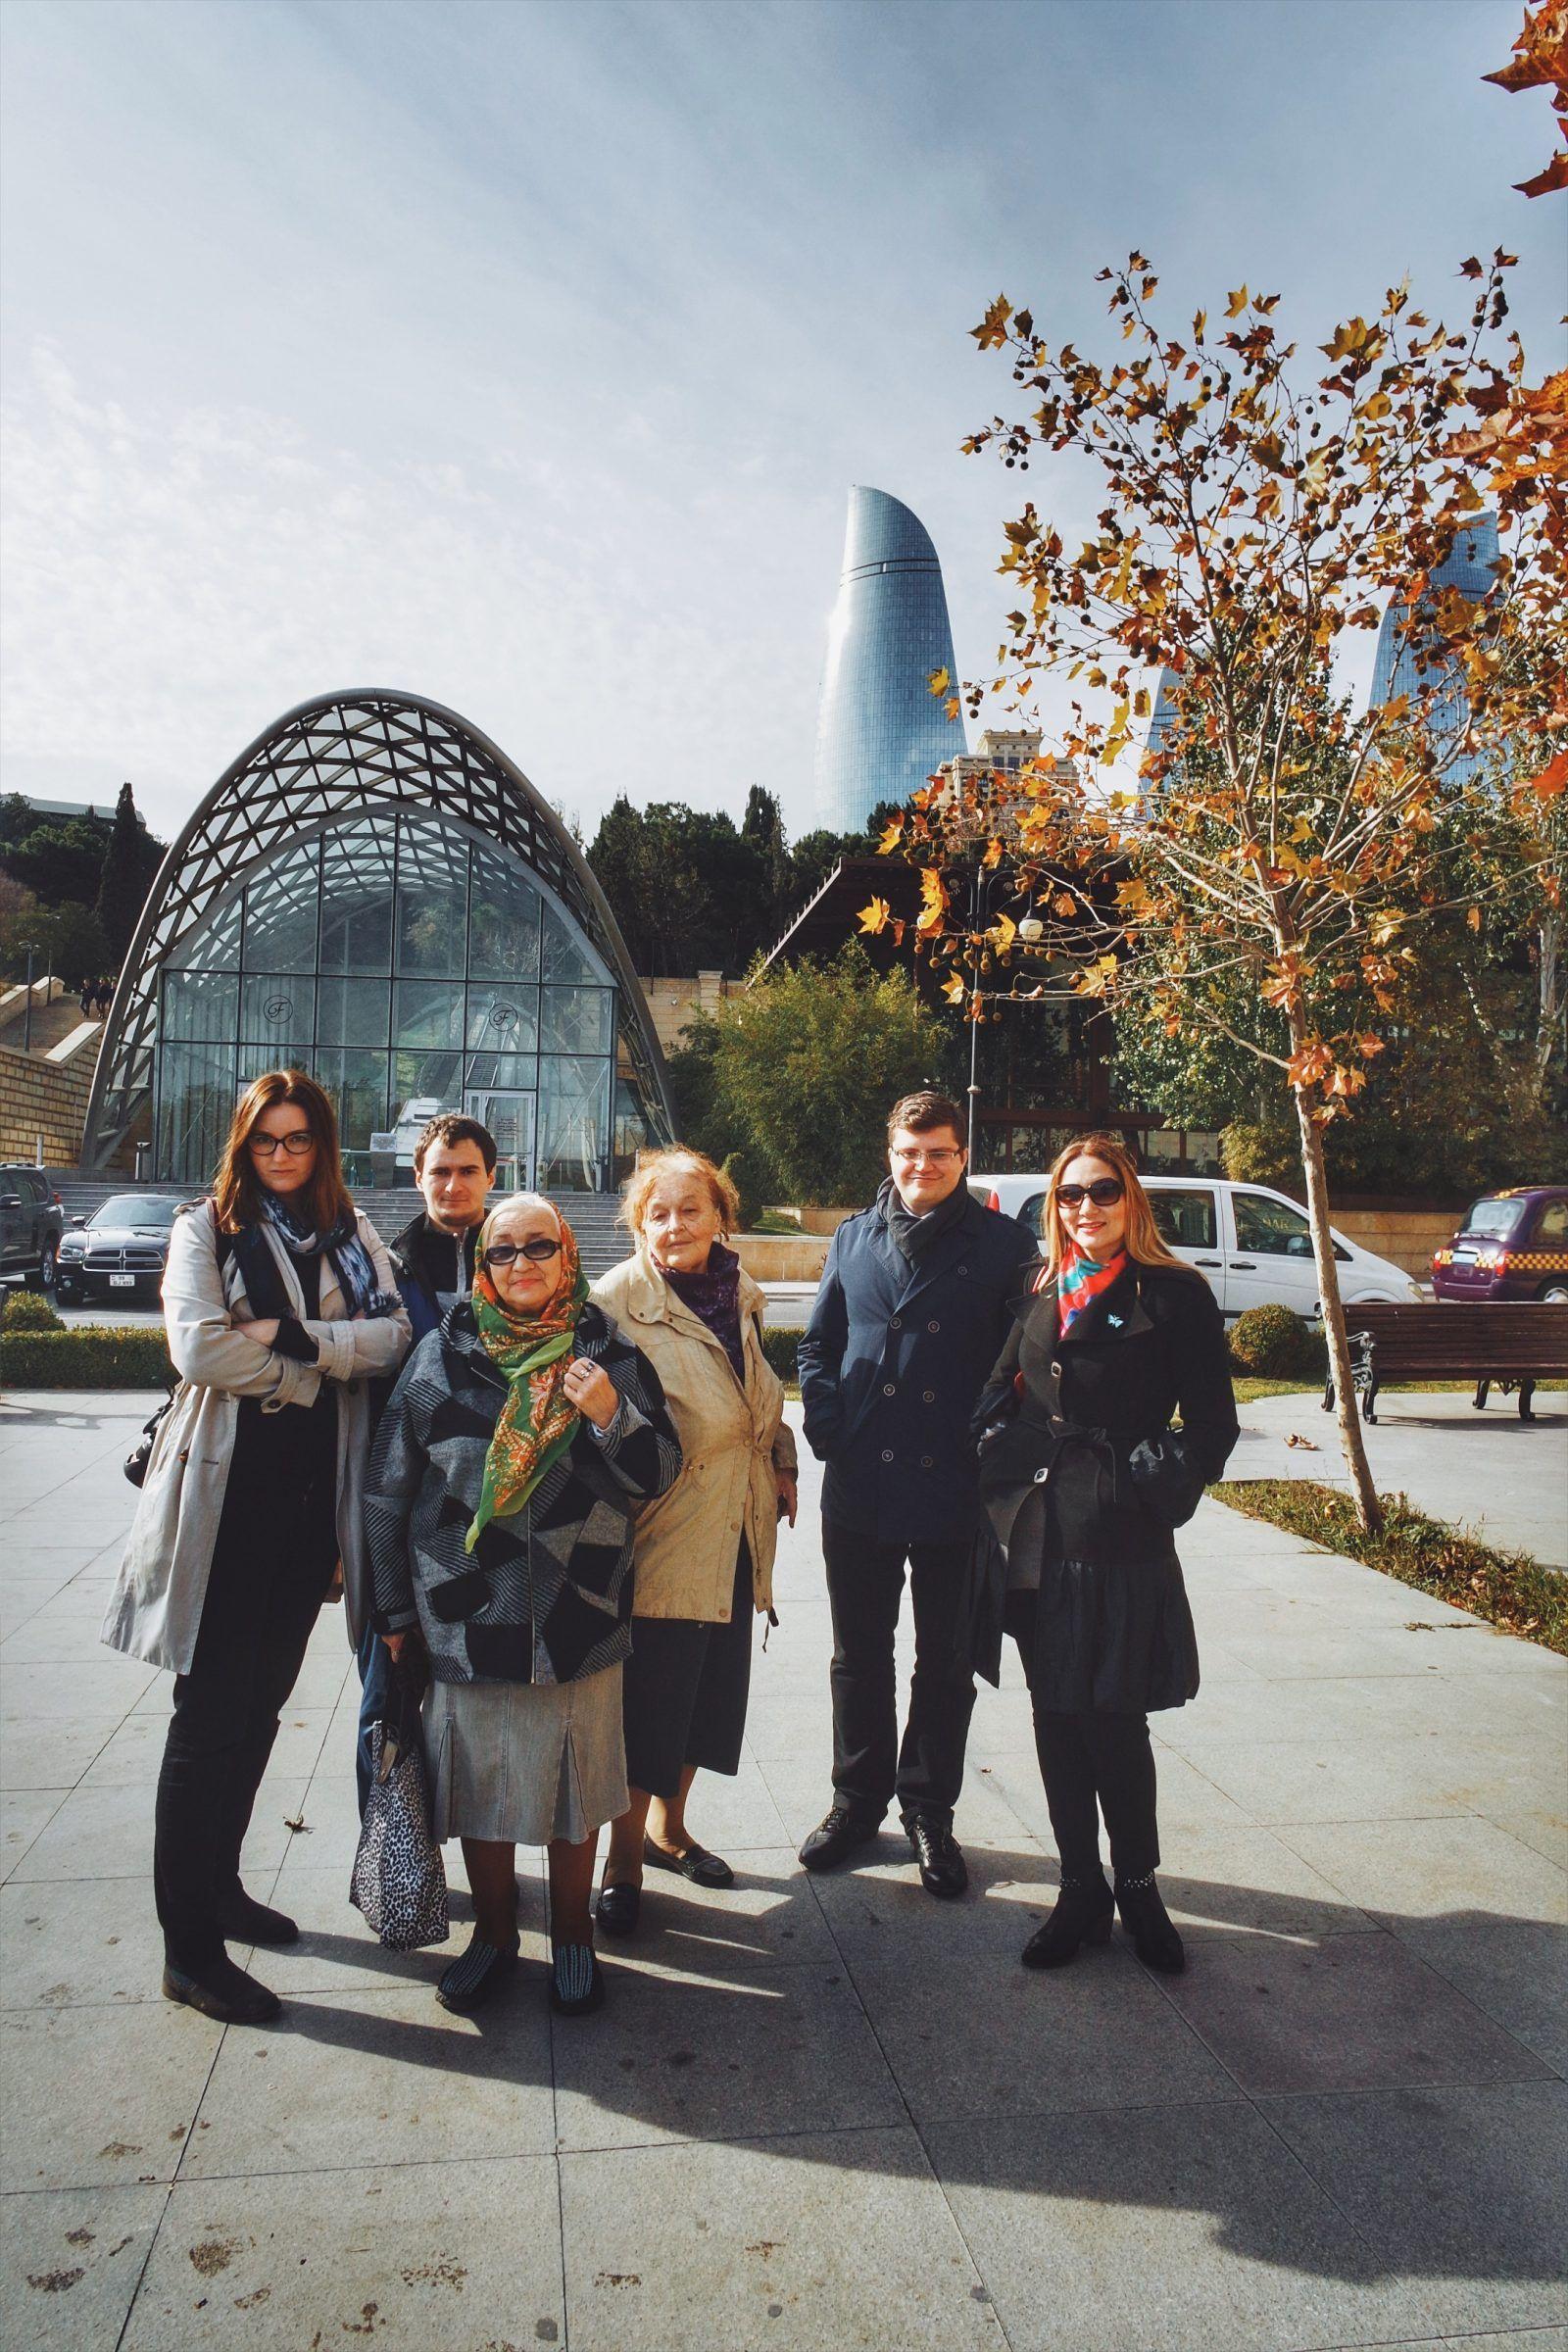 Polacy w Baku. Cząstka polskiej historii w Azerbejdżanie